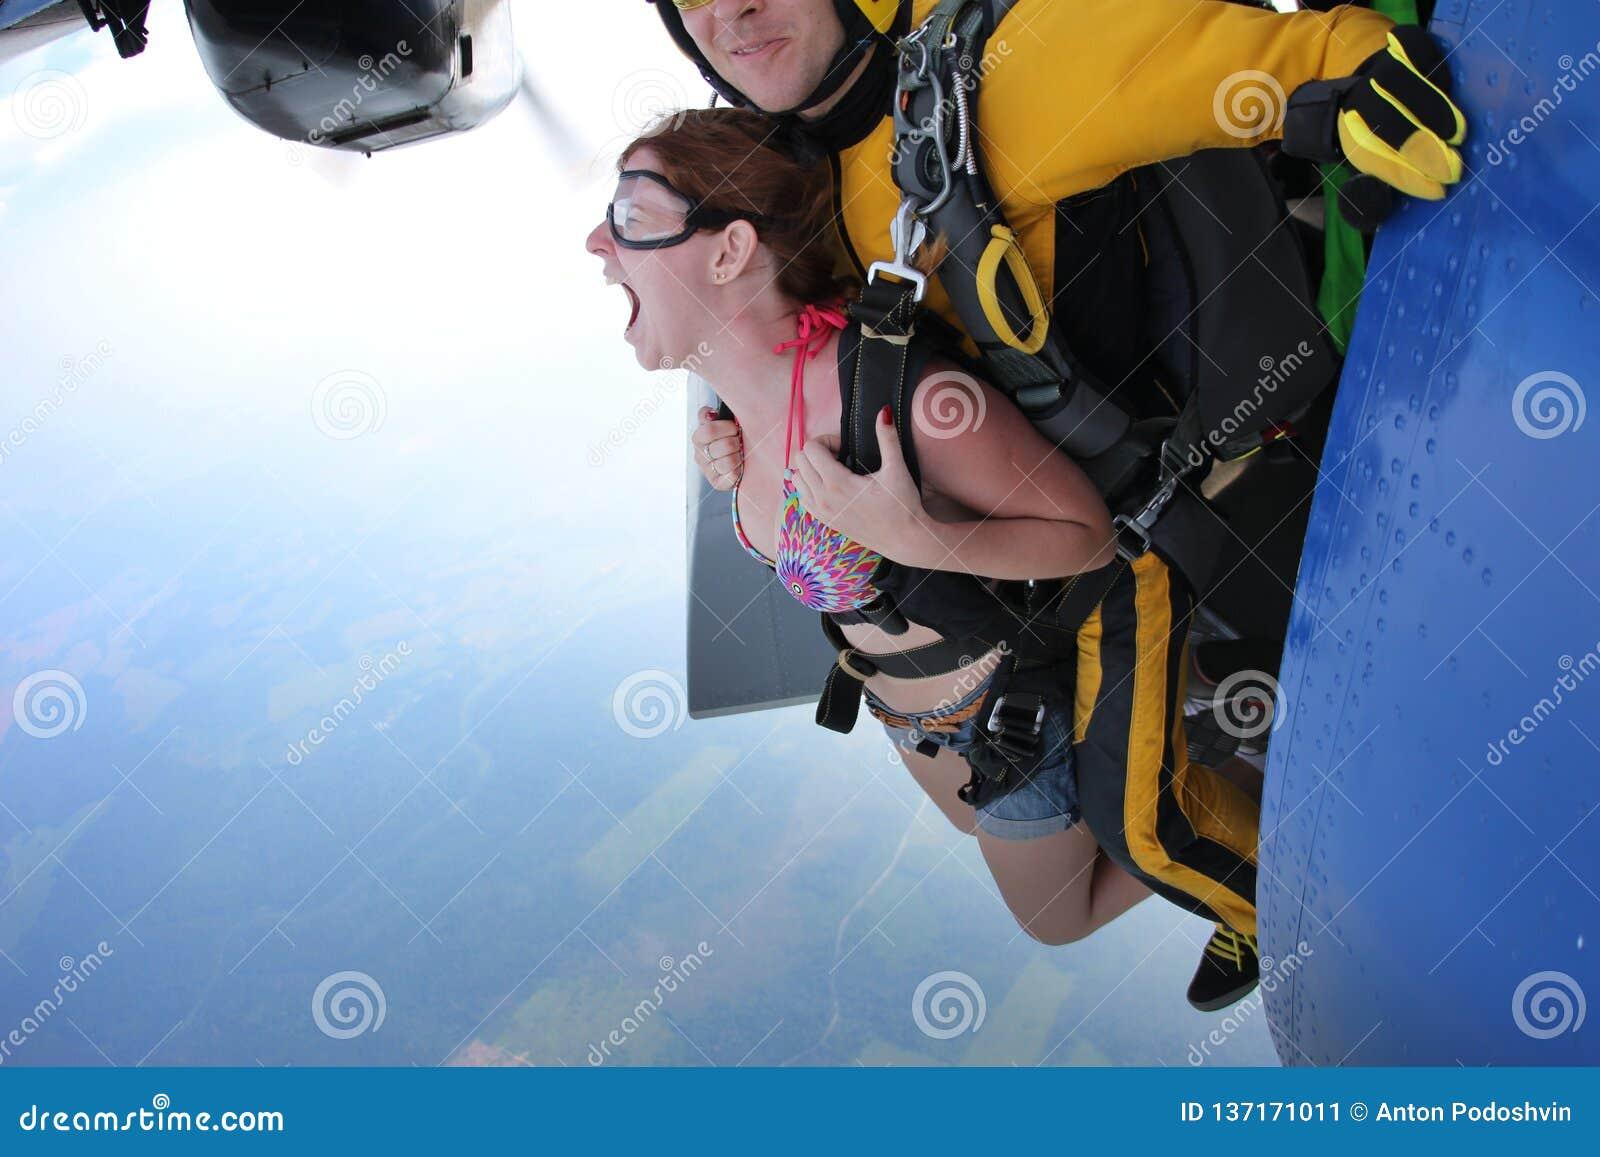 Tandem skydiving. Exit. Girl is screaming.